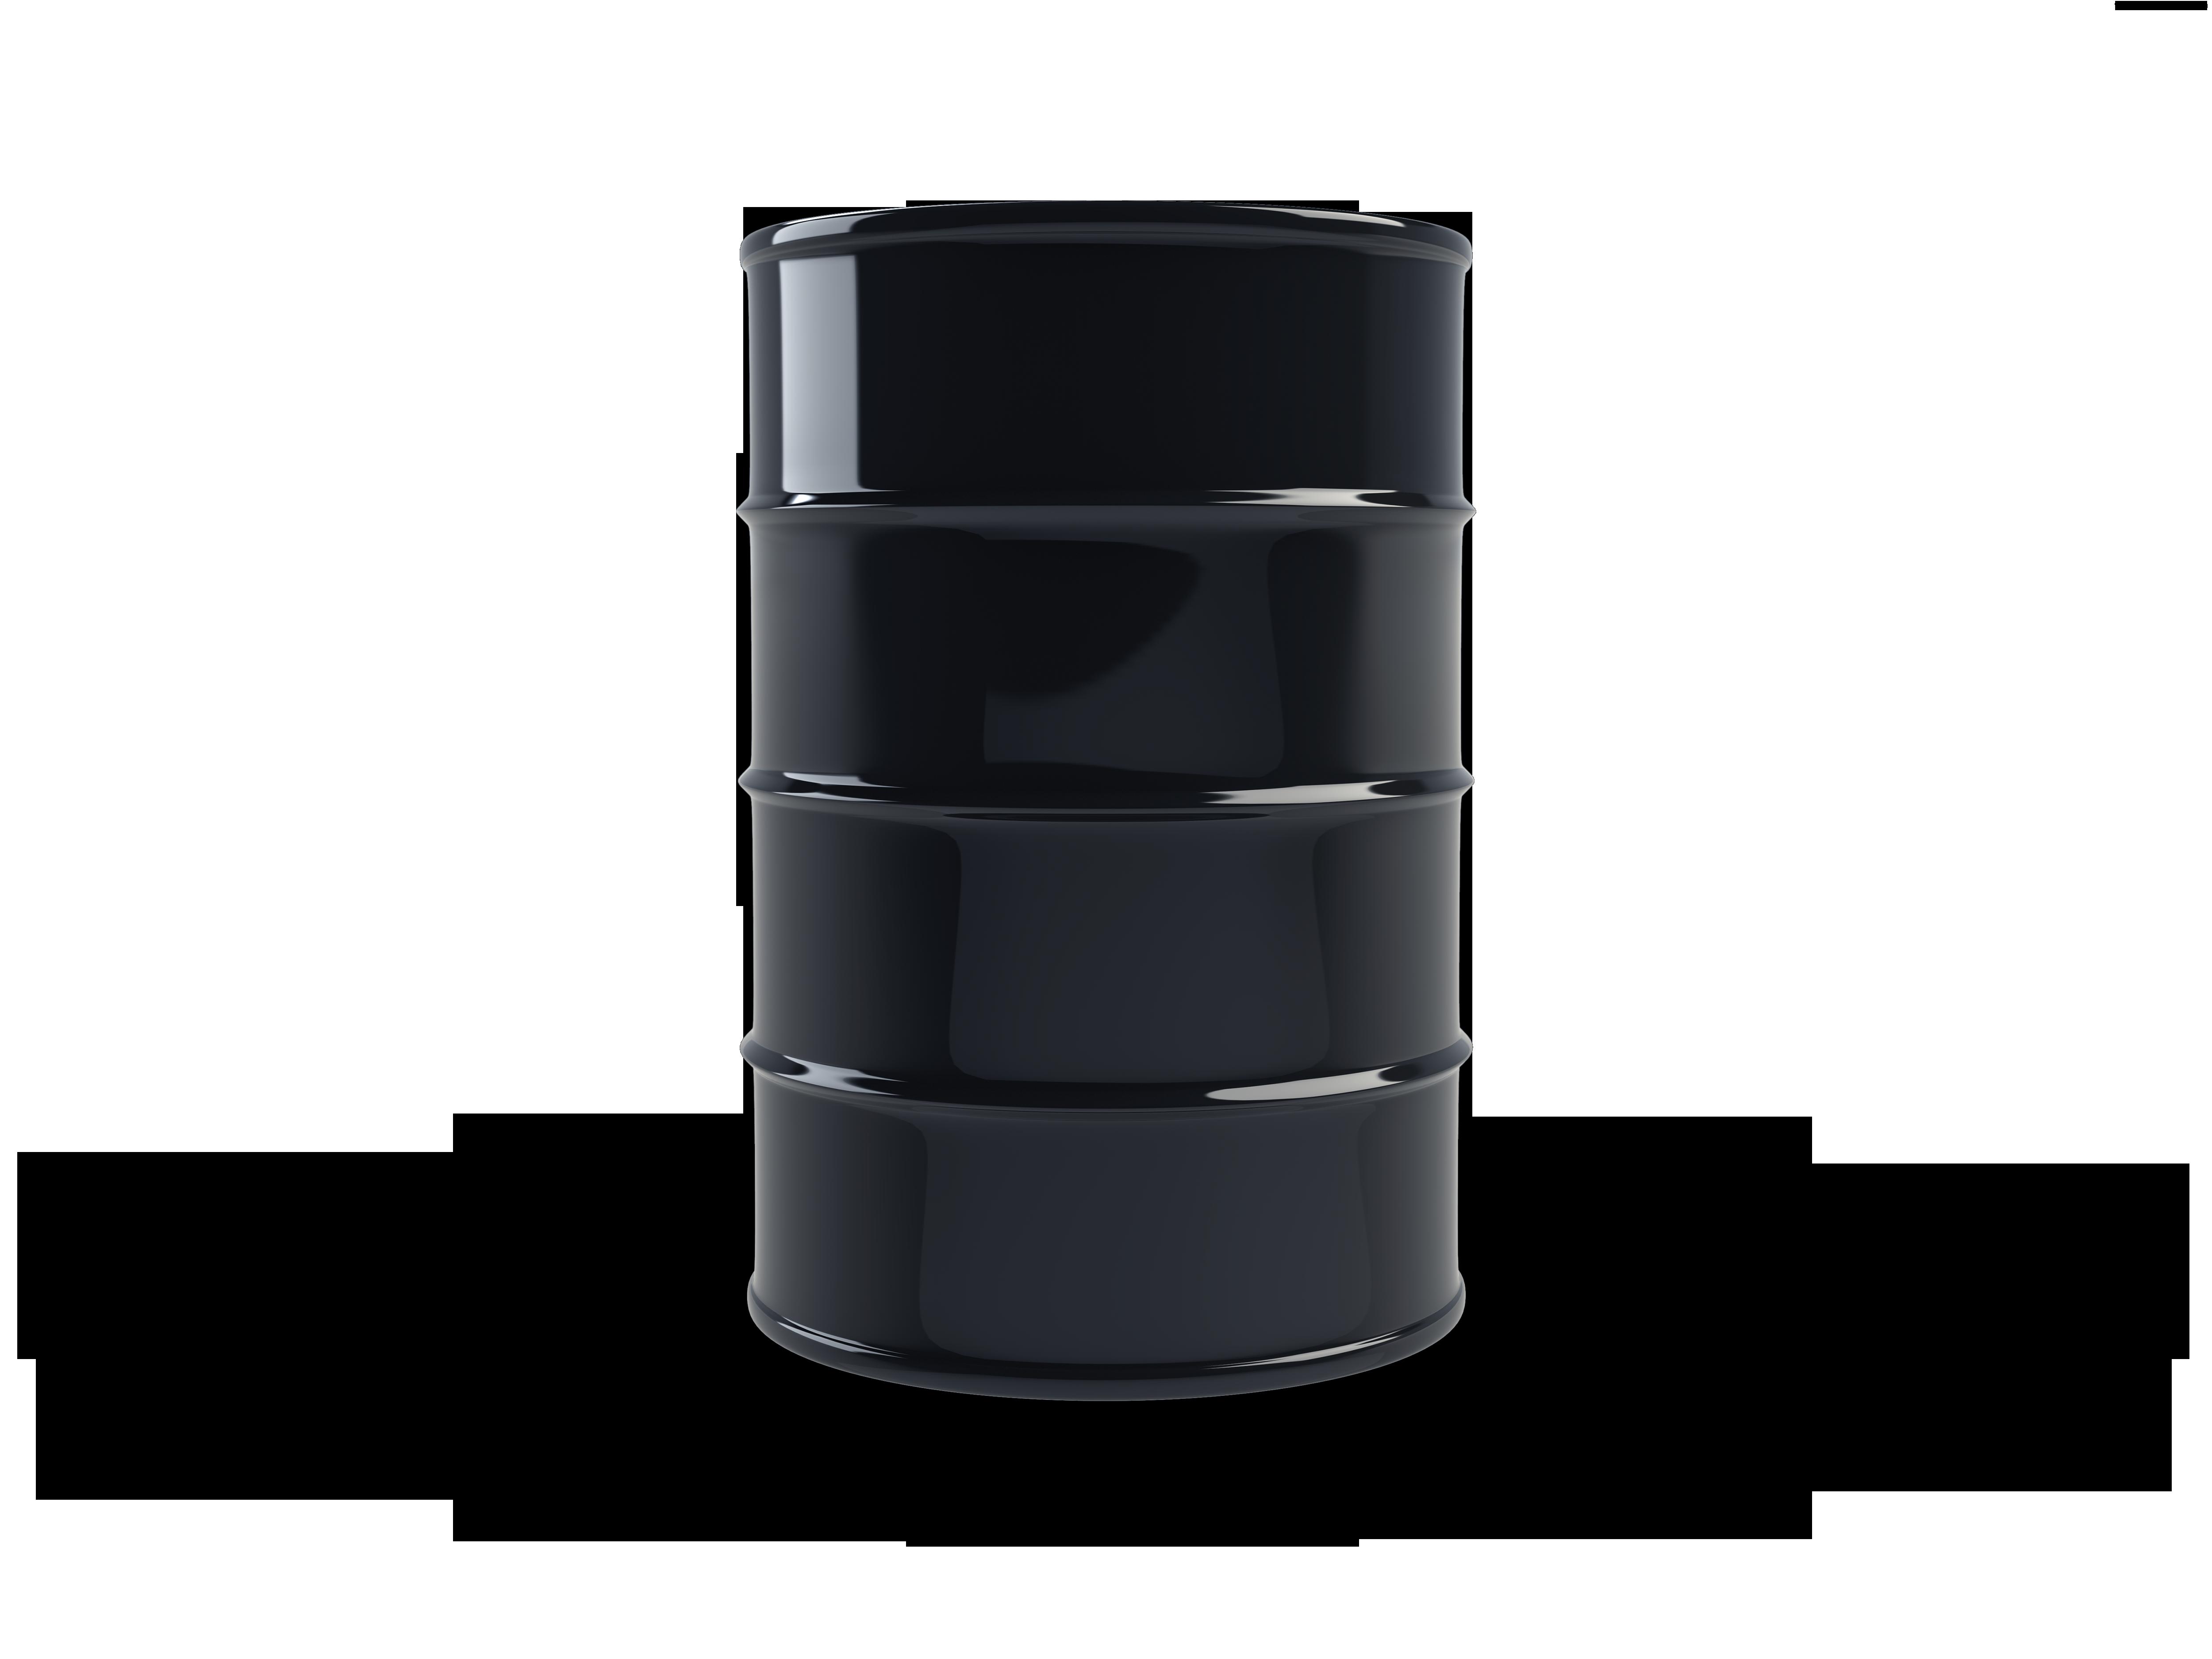 Car oil bottle clipart png transparent download Download OIL Free PNG transparent image and clipart png transparent download